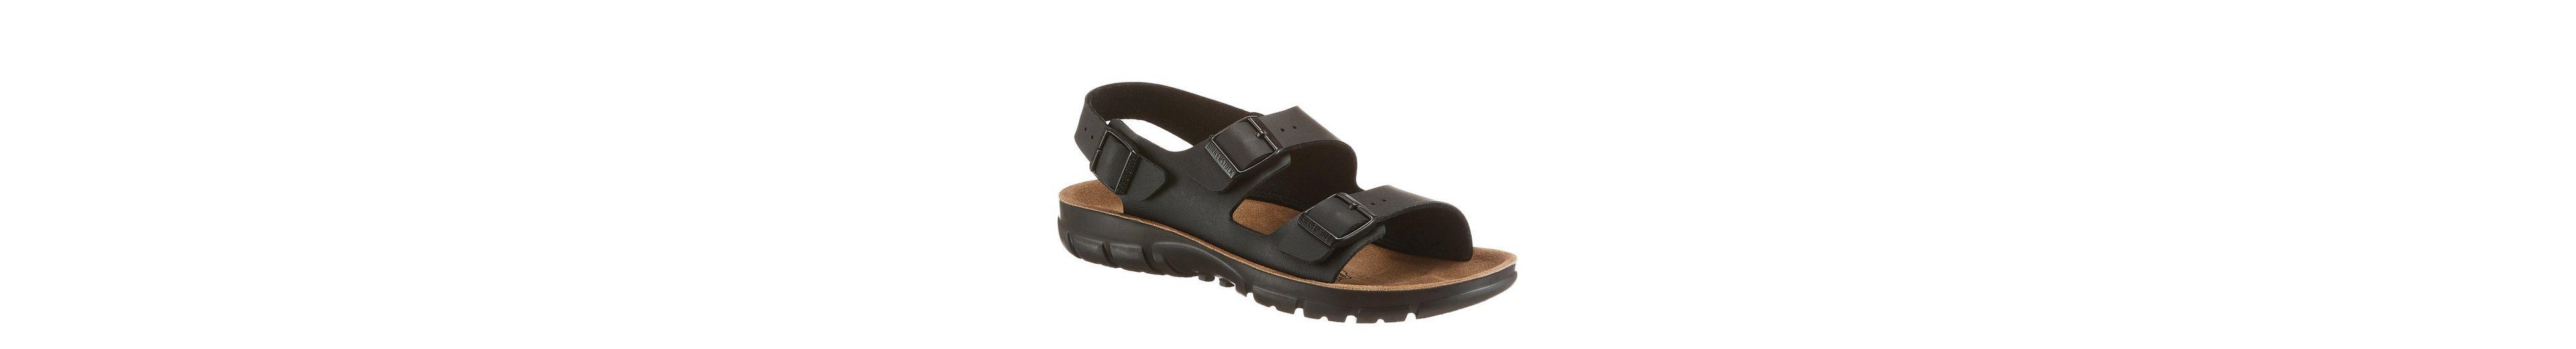 Birkenstock KANO Sandale, für den Arbeitsalltag